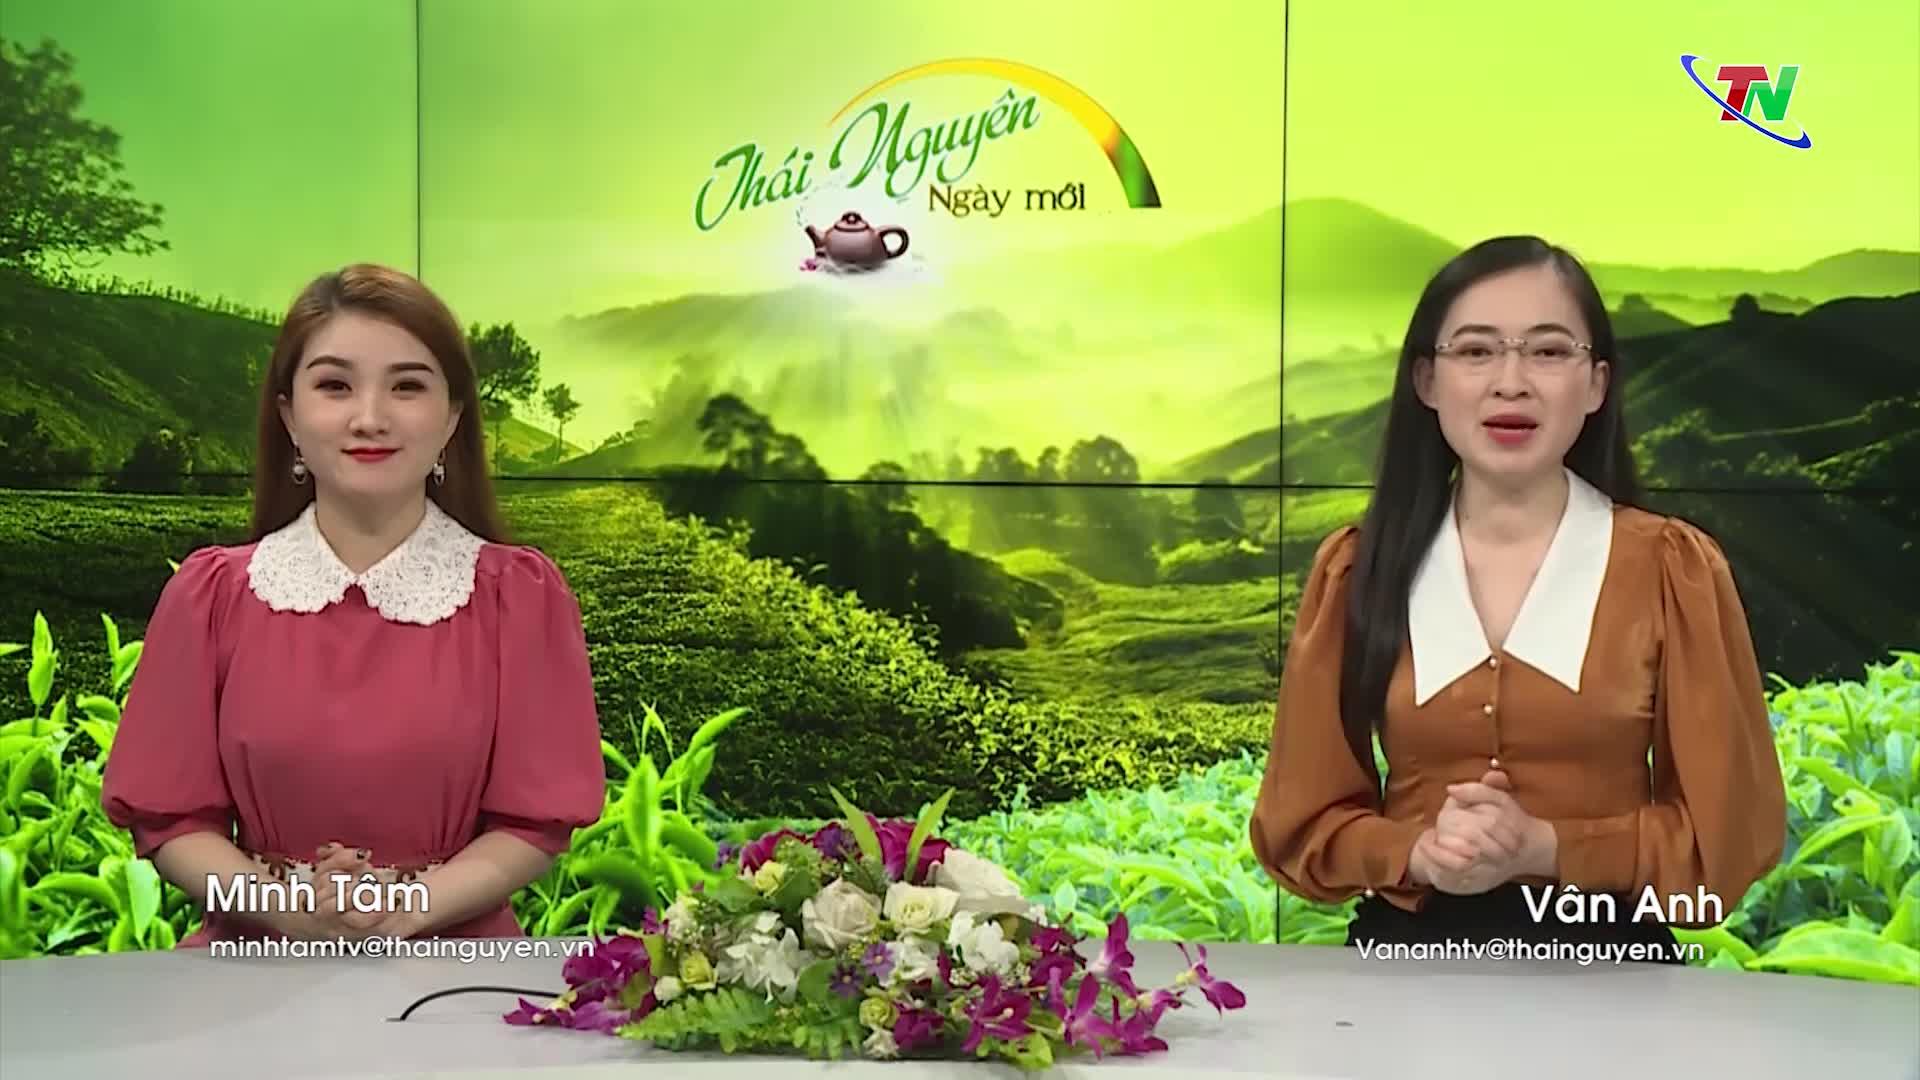 Thái Nguyên ngày mới ngày 29/5/2020